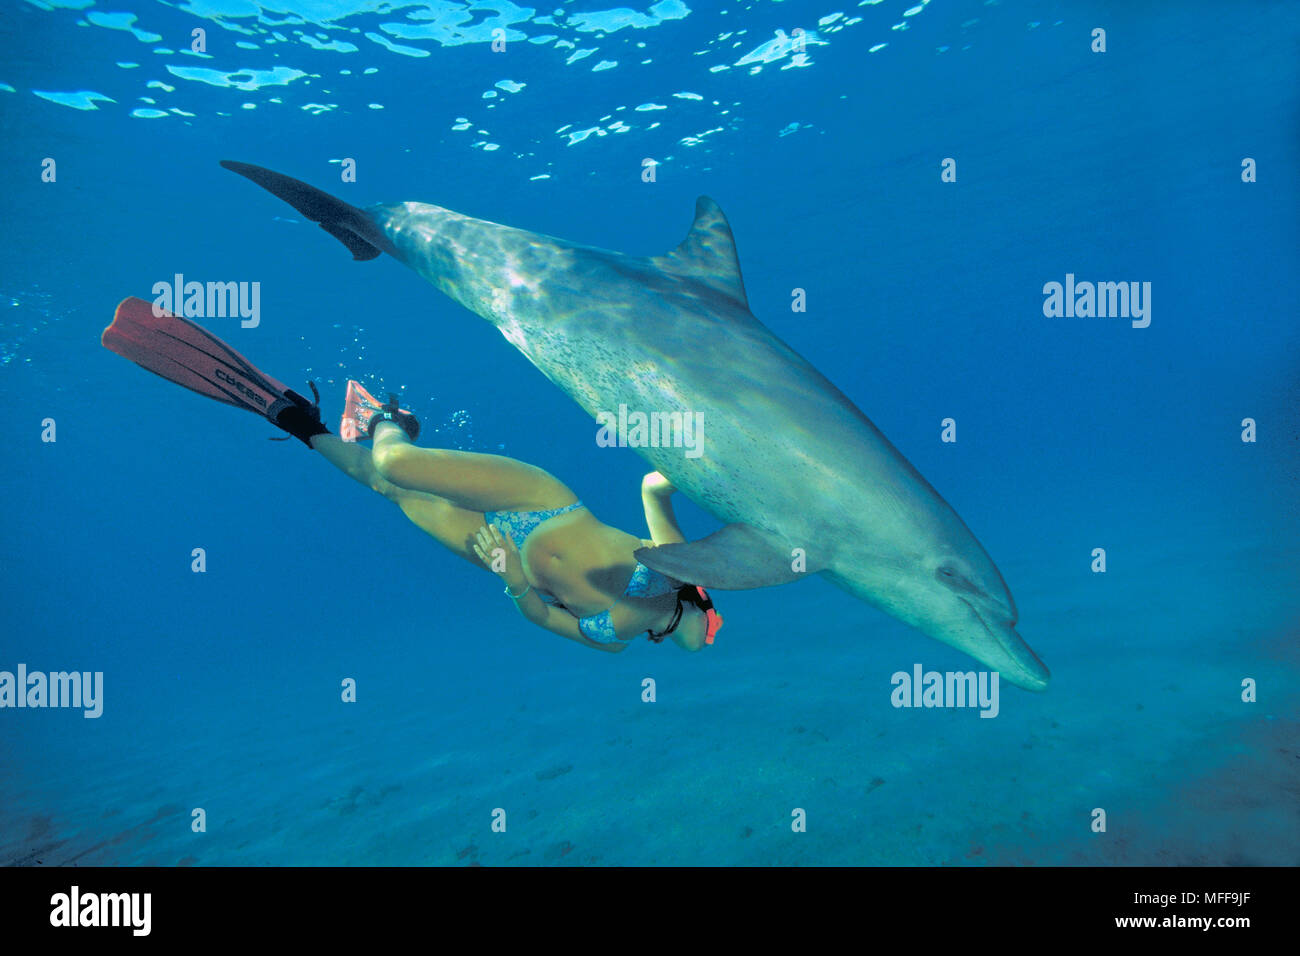 Grosser Tuemmler (Tursiops truncatus) und Schnorchlerin, Marsa Alam, Aegypten | Bottlenose dolphin (Tursiops truncatus), snorkeler, Marsa Alam, Egypt Stock Photo